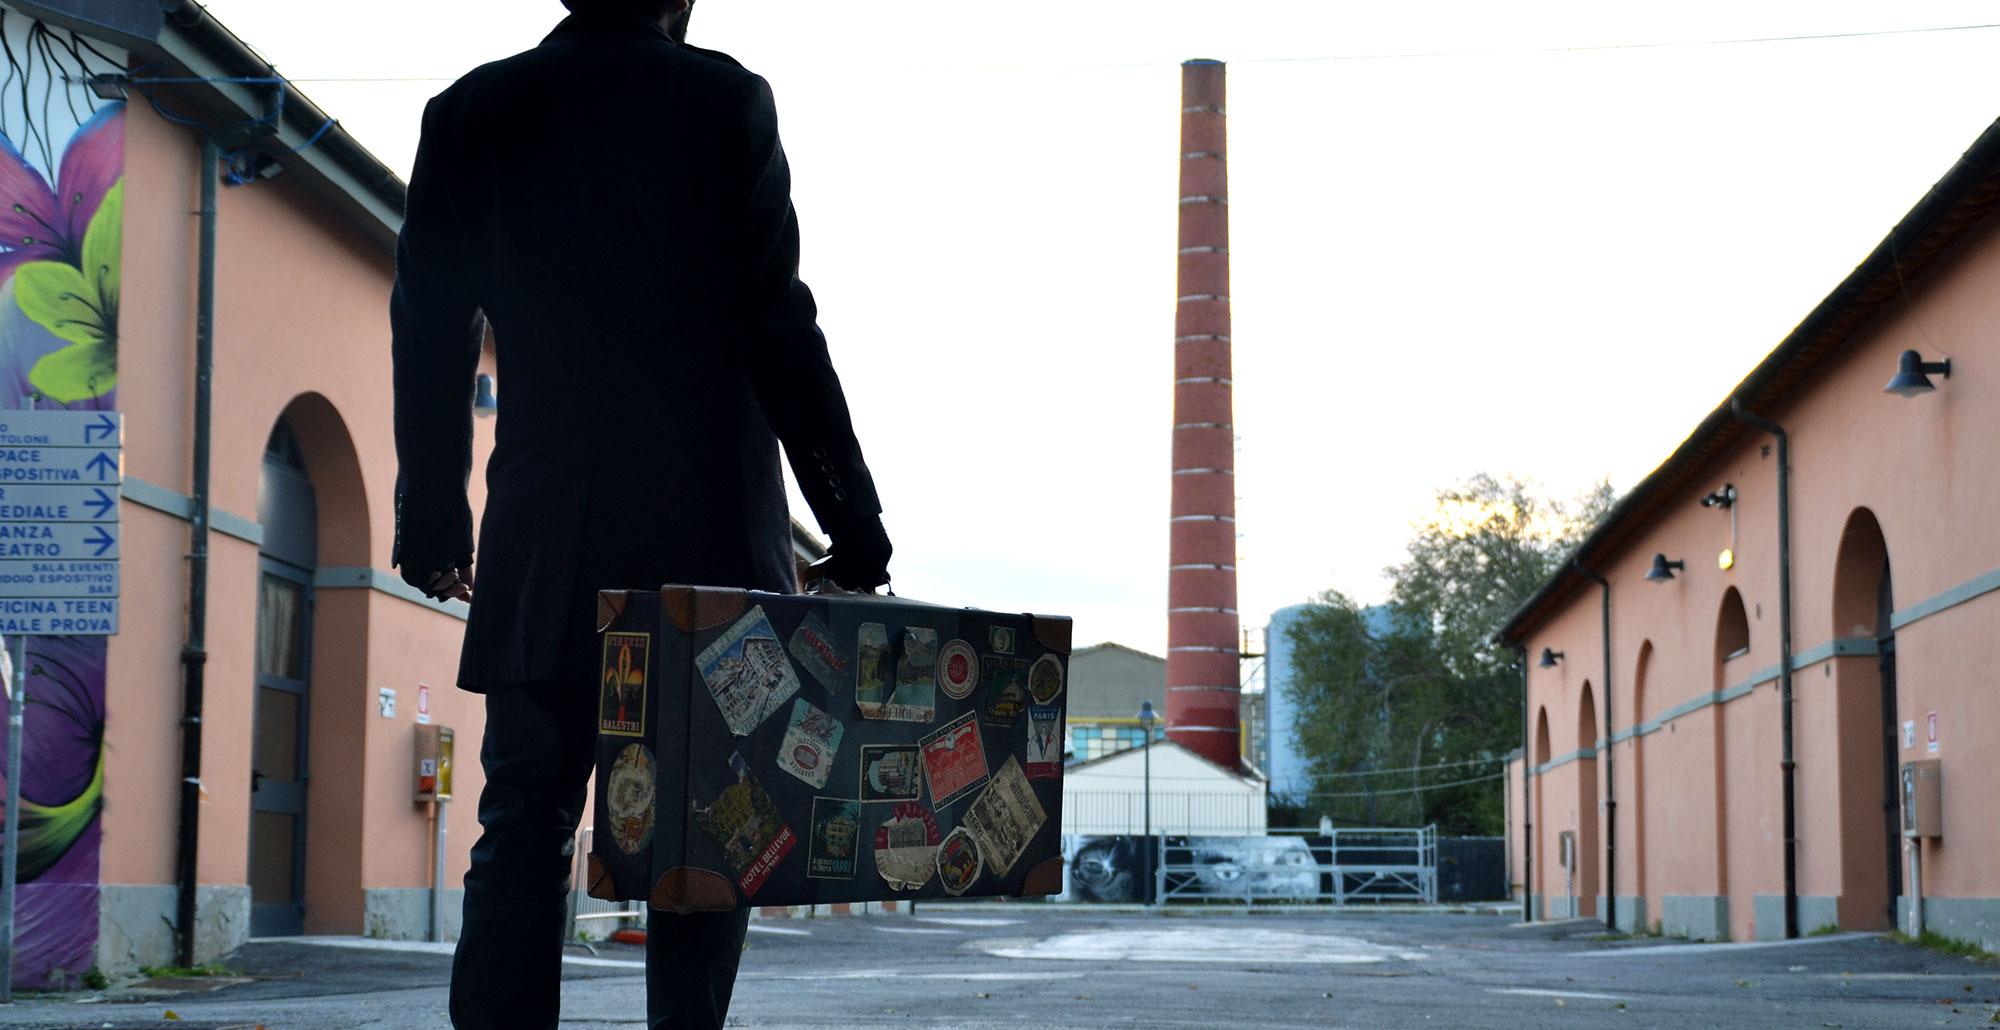 Foto a colori negli spazi esterni centrali di Officina Giovani con uomo con cappotto scuro e valigia in mano e sullo sfondo una ciminiera rossa